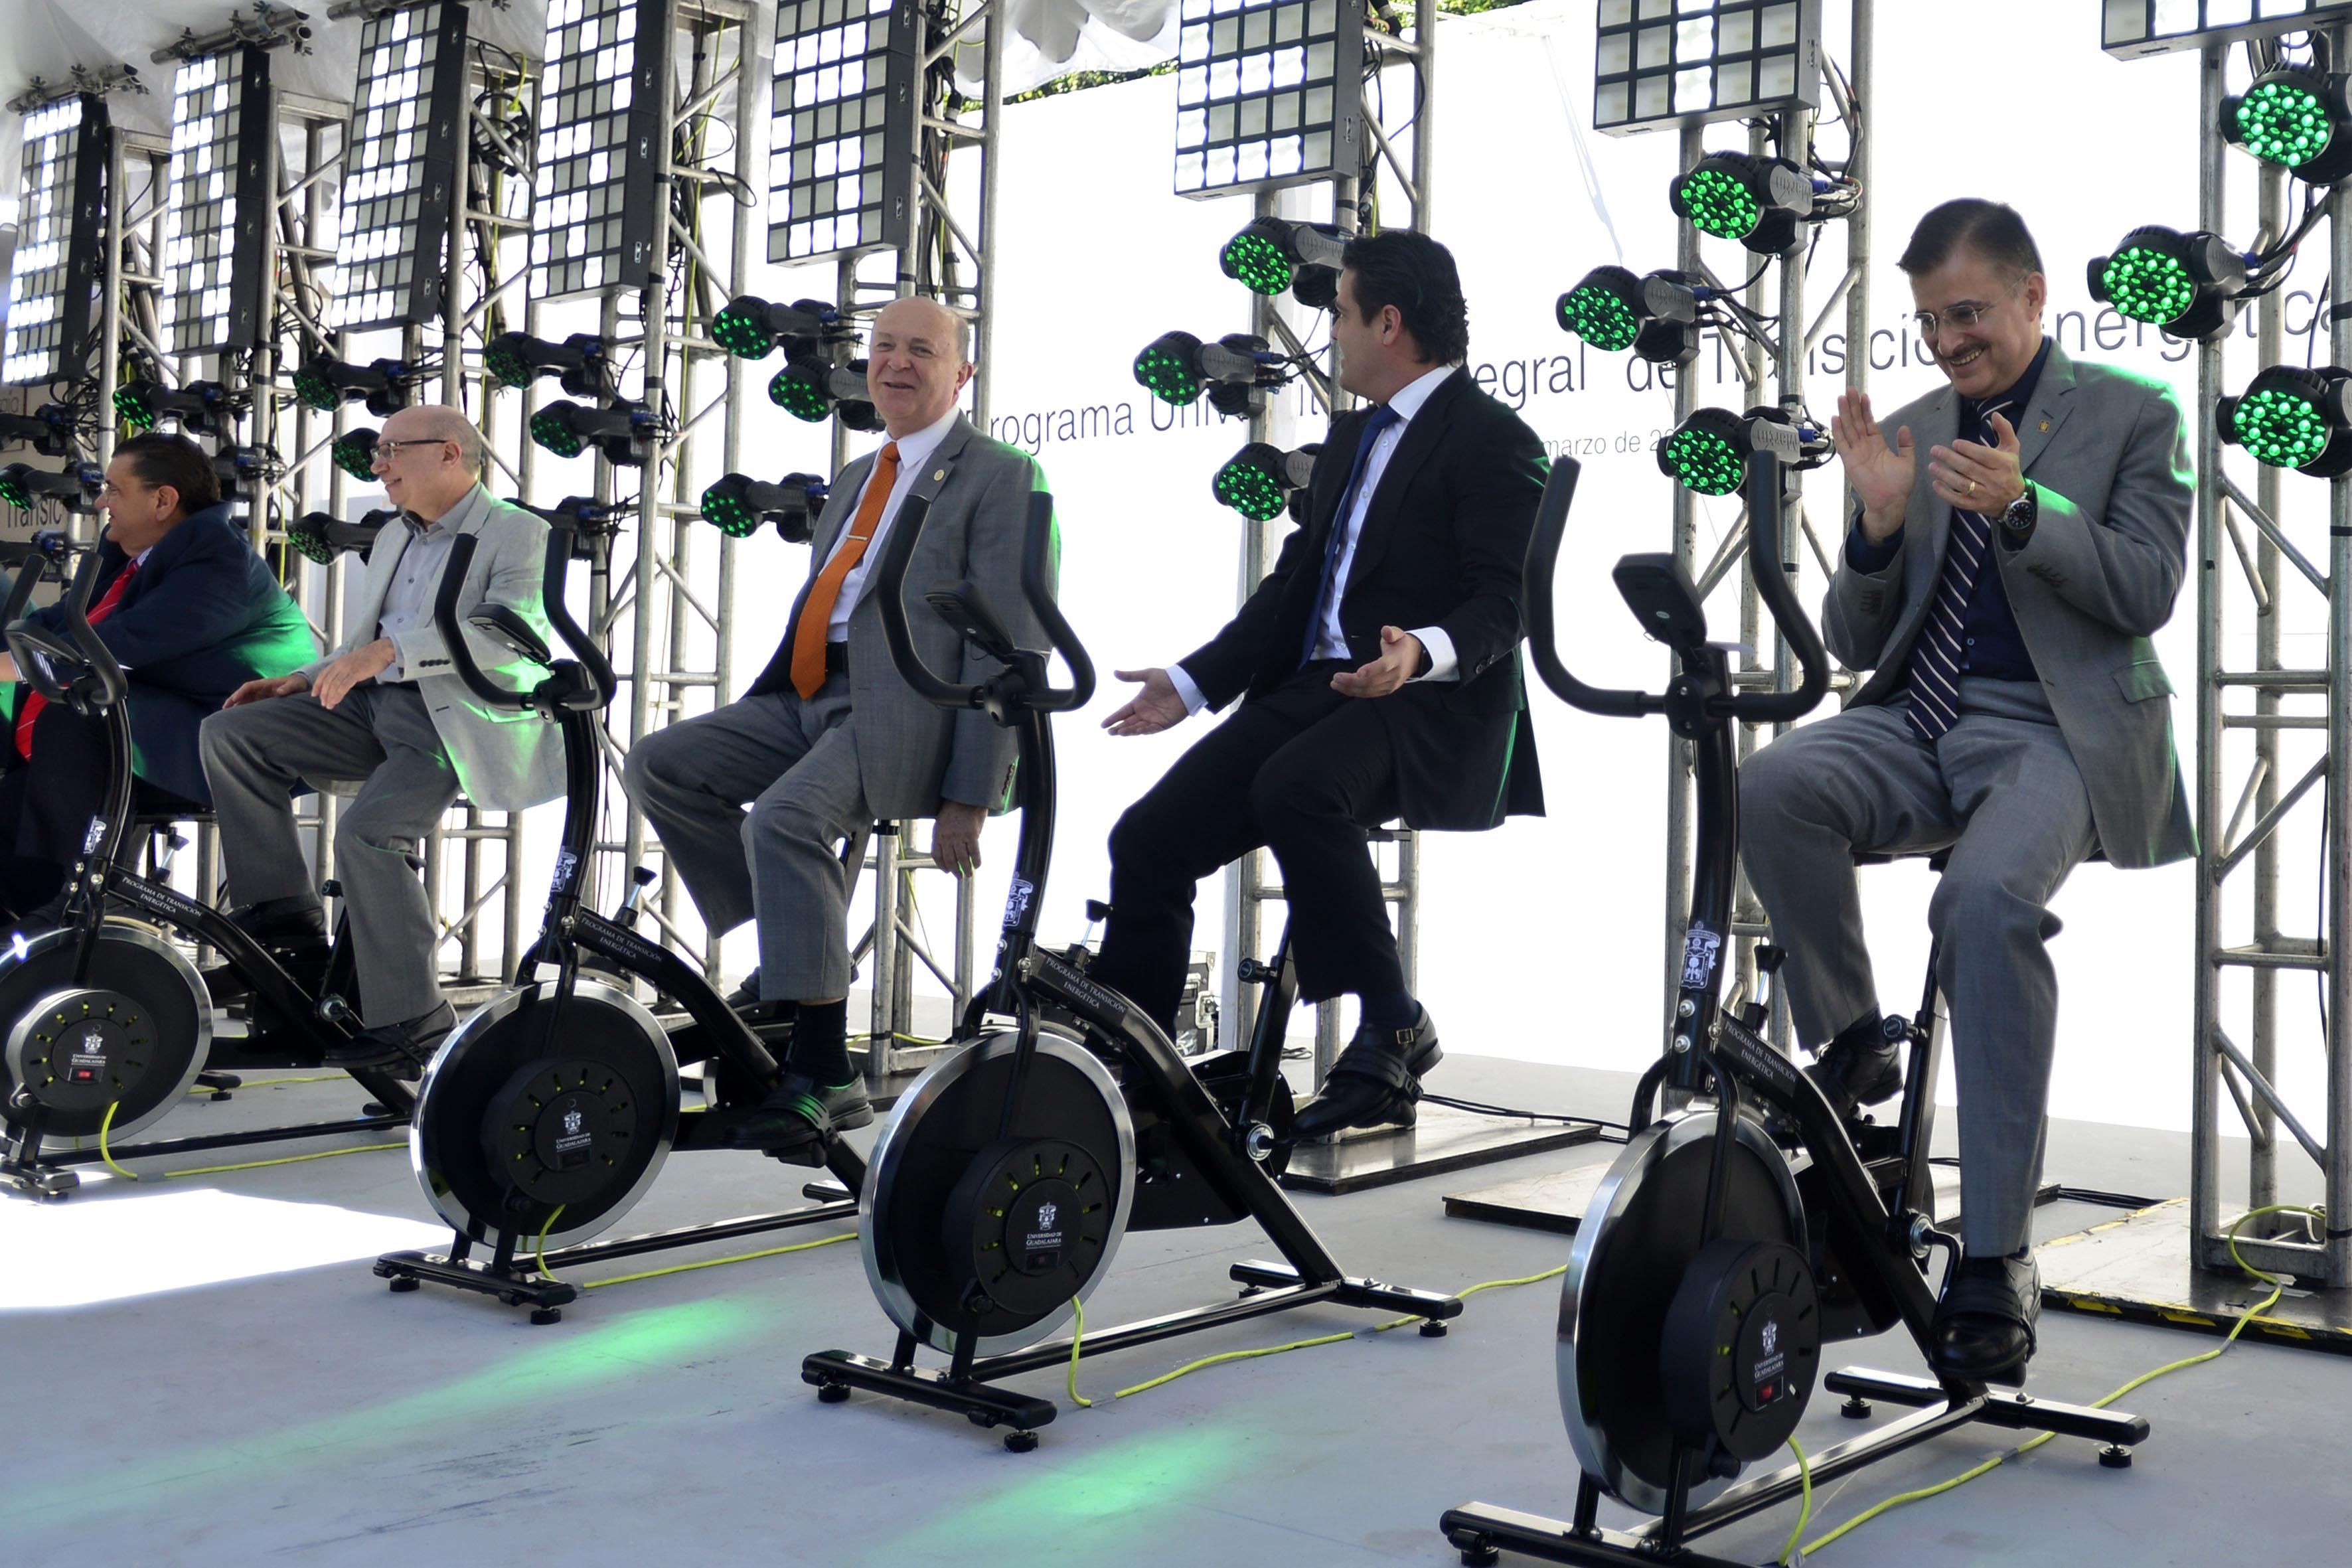 Autoridades de la Universidad de Guadalajara y del Poder Ejecutivo de Jalisco, utilizando las bicicletas generadoras de electricidad, en el marco del Programa Universitario Integral de Transición Energética (PUITE).